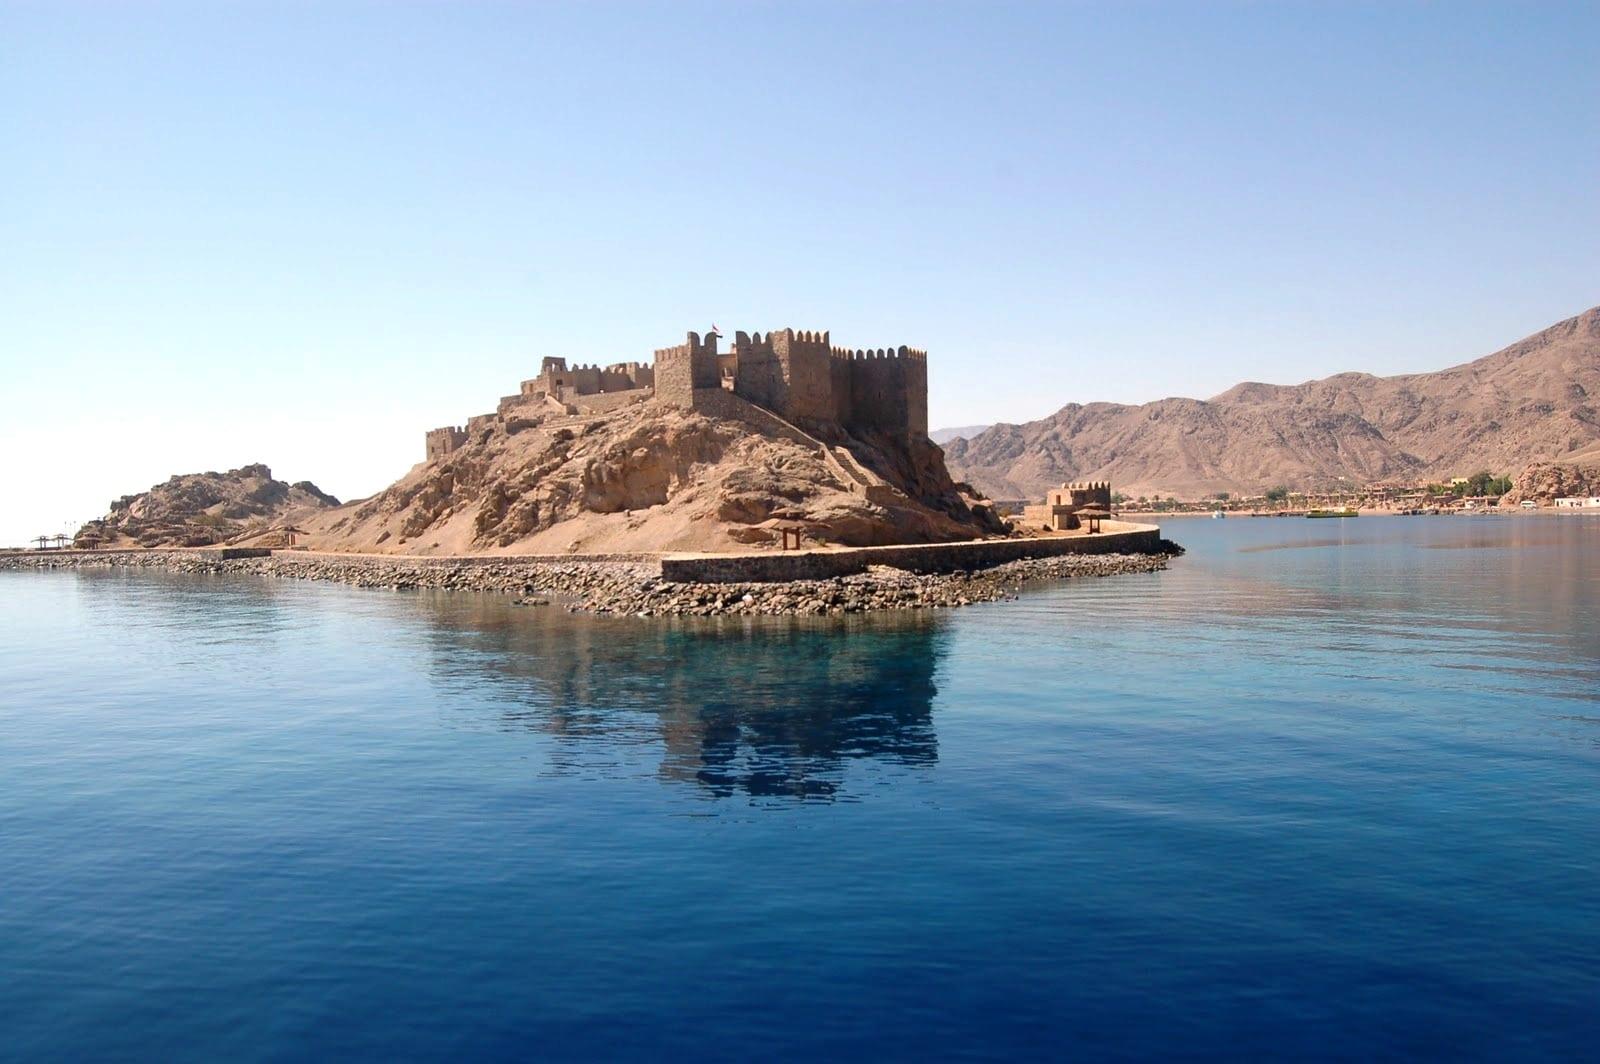 جزيرة فرعون وقلعة صلاح الدين